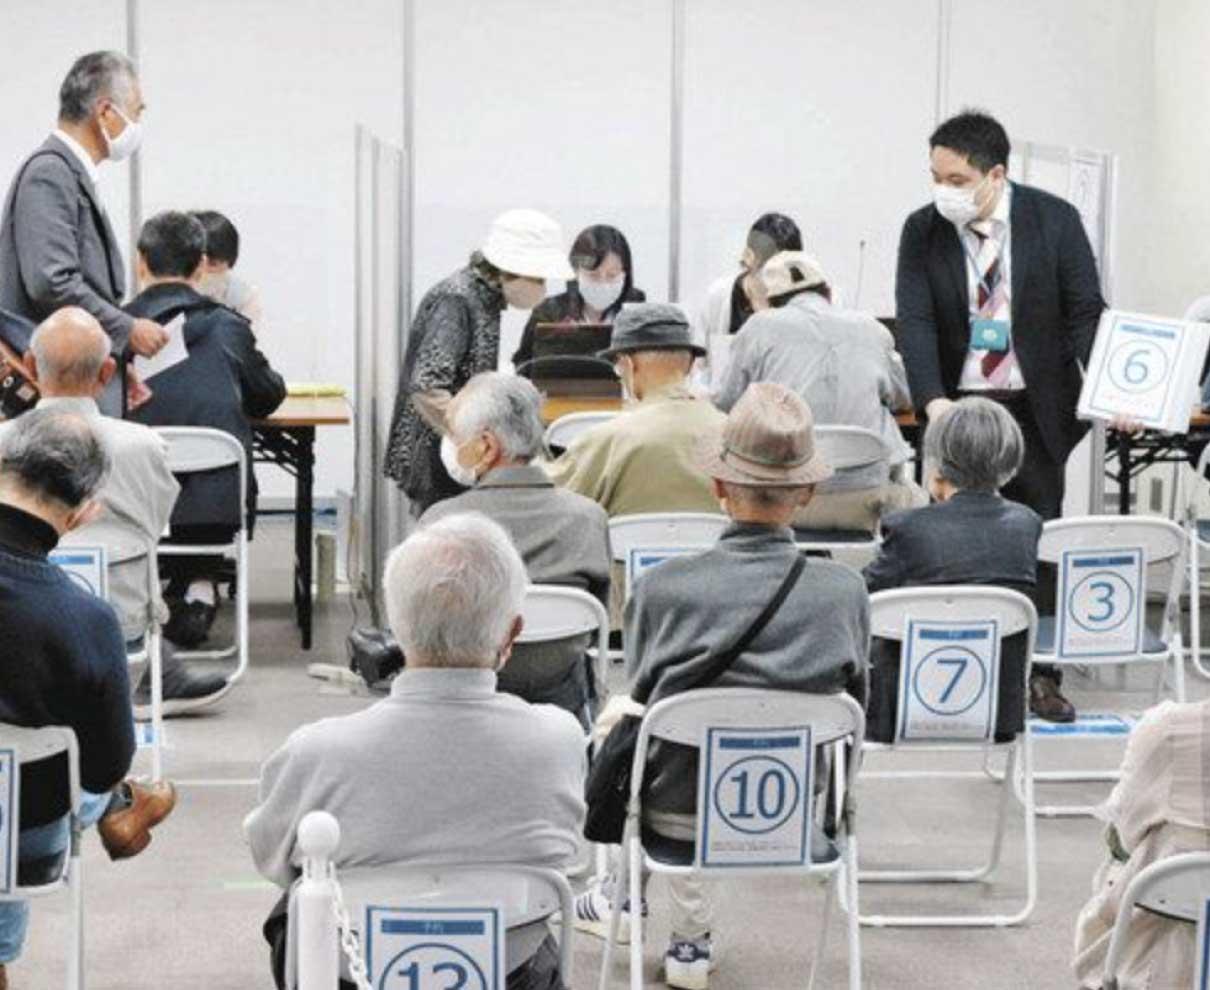 ワクチン窓口 最大2時間待ち 福井市「慌てず予約を」